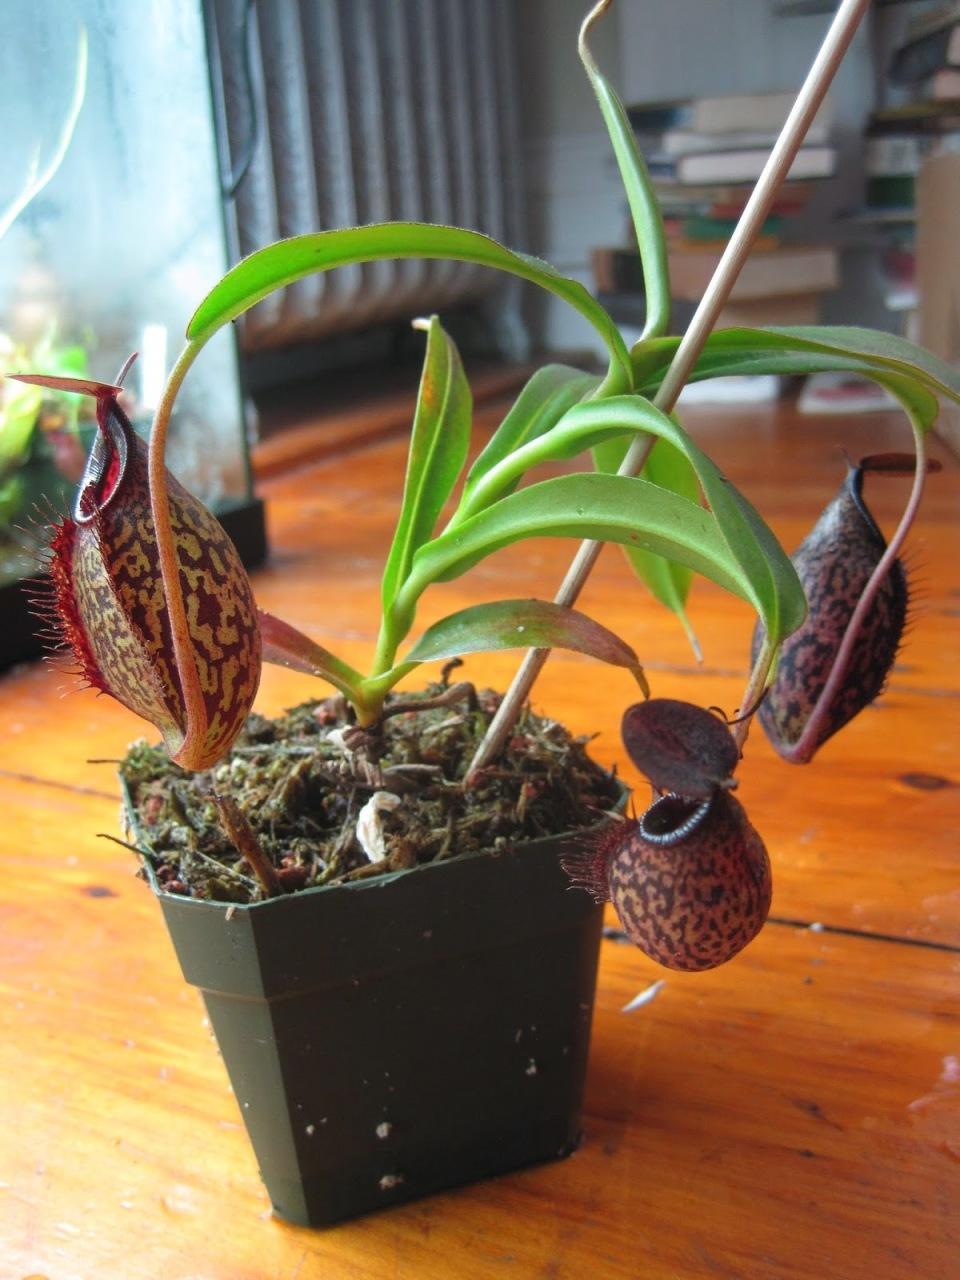 """リビングに""""観葉植物""""がある暮らし:目にも美しく健康まで守ってくれる「4つのおすすめ観葉植物」 6番目の画像"""